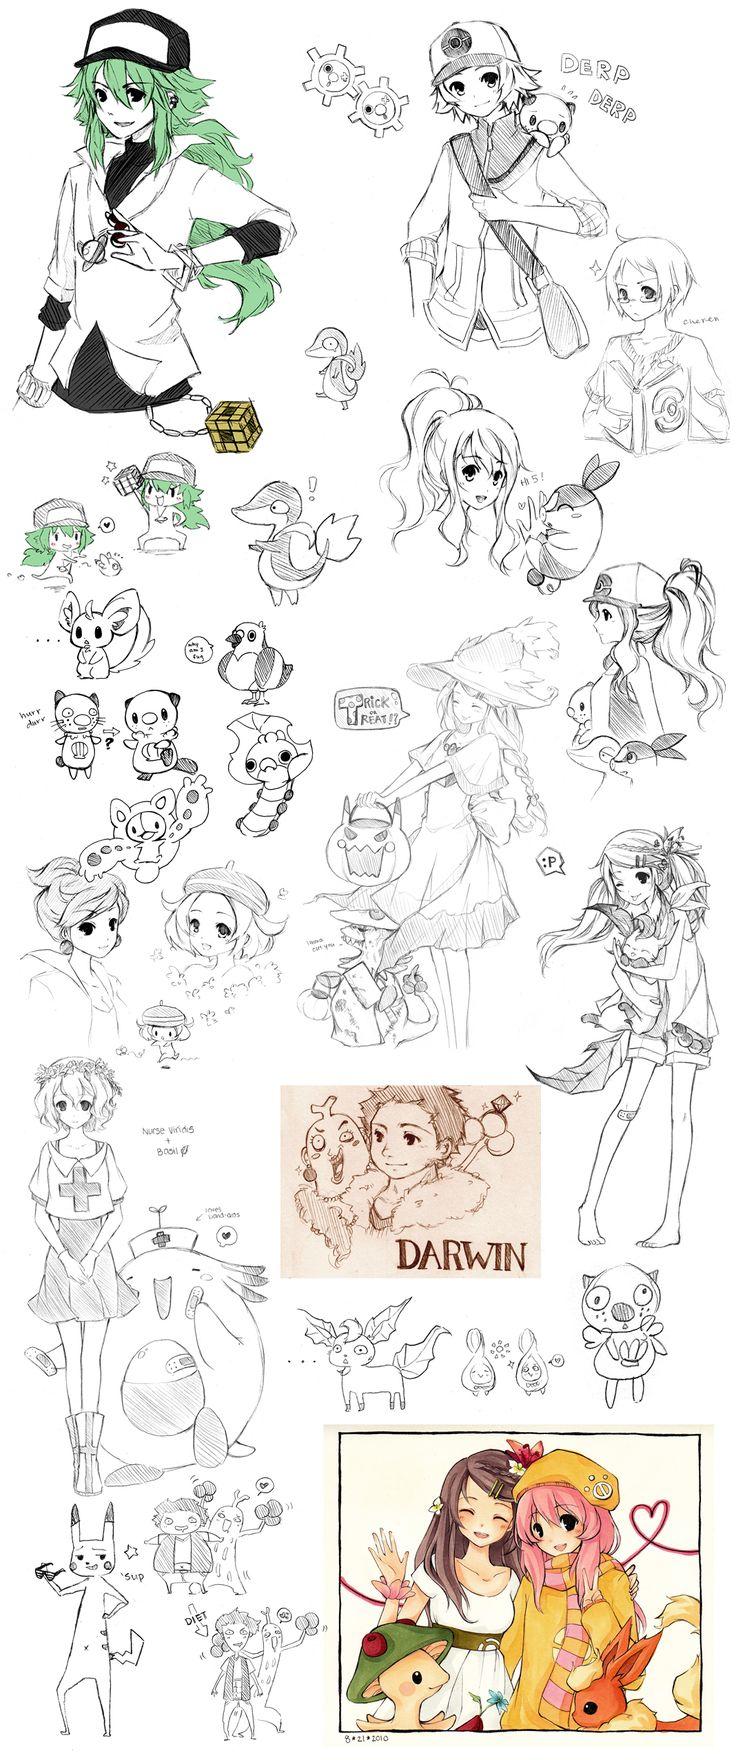 Pokemon Sketch Dump by cartoongirl7.deviantart.com on @deviantART